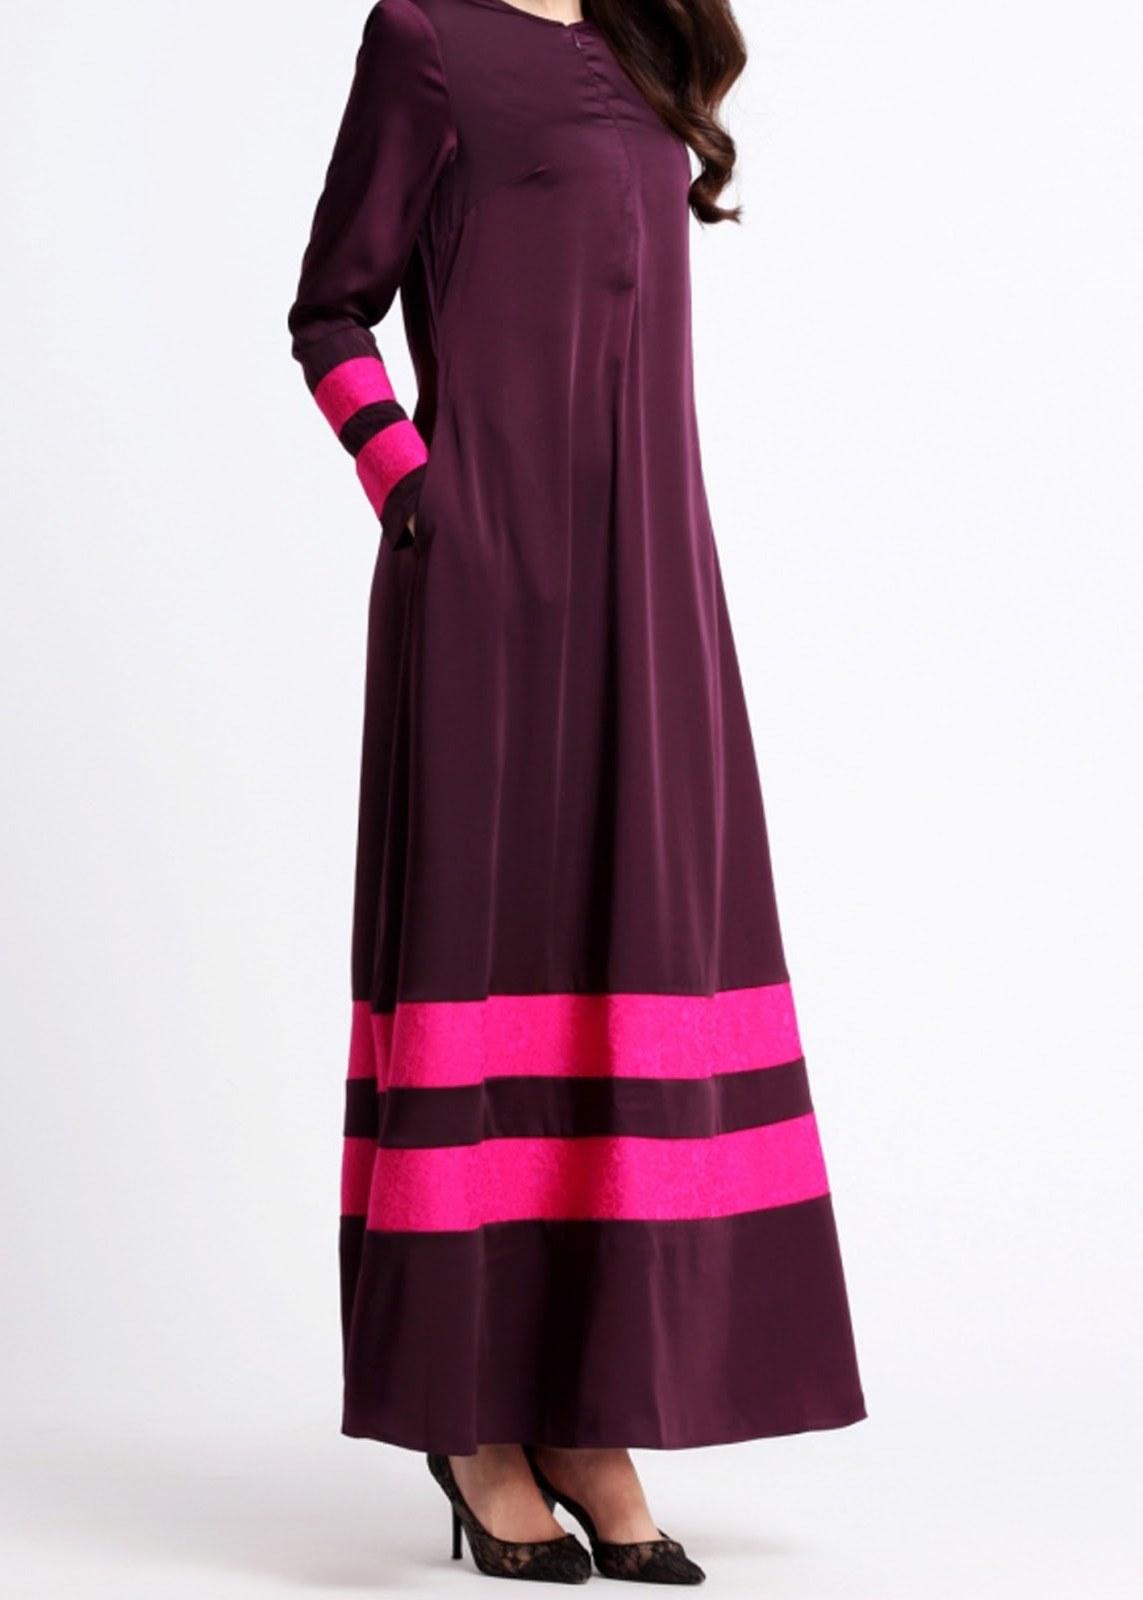 Ide Sewa Baju Pengantin Muslimah Syar'i 9fdy norzi Beautilicious House Nbh0491 Insyikah Jubah Nursing